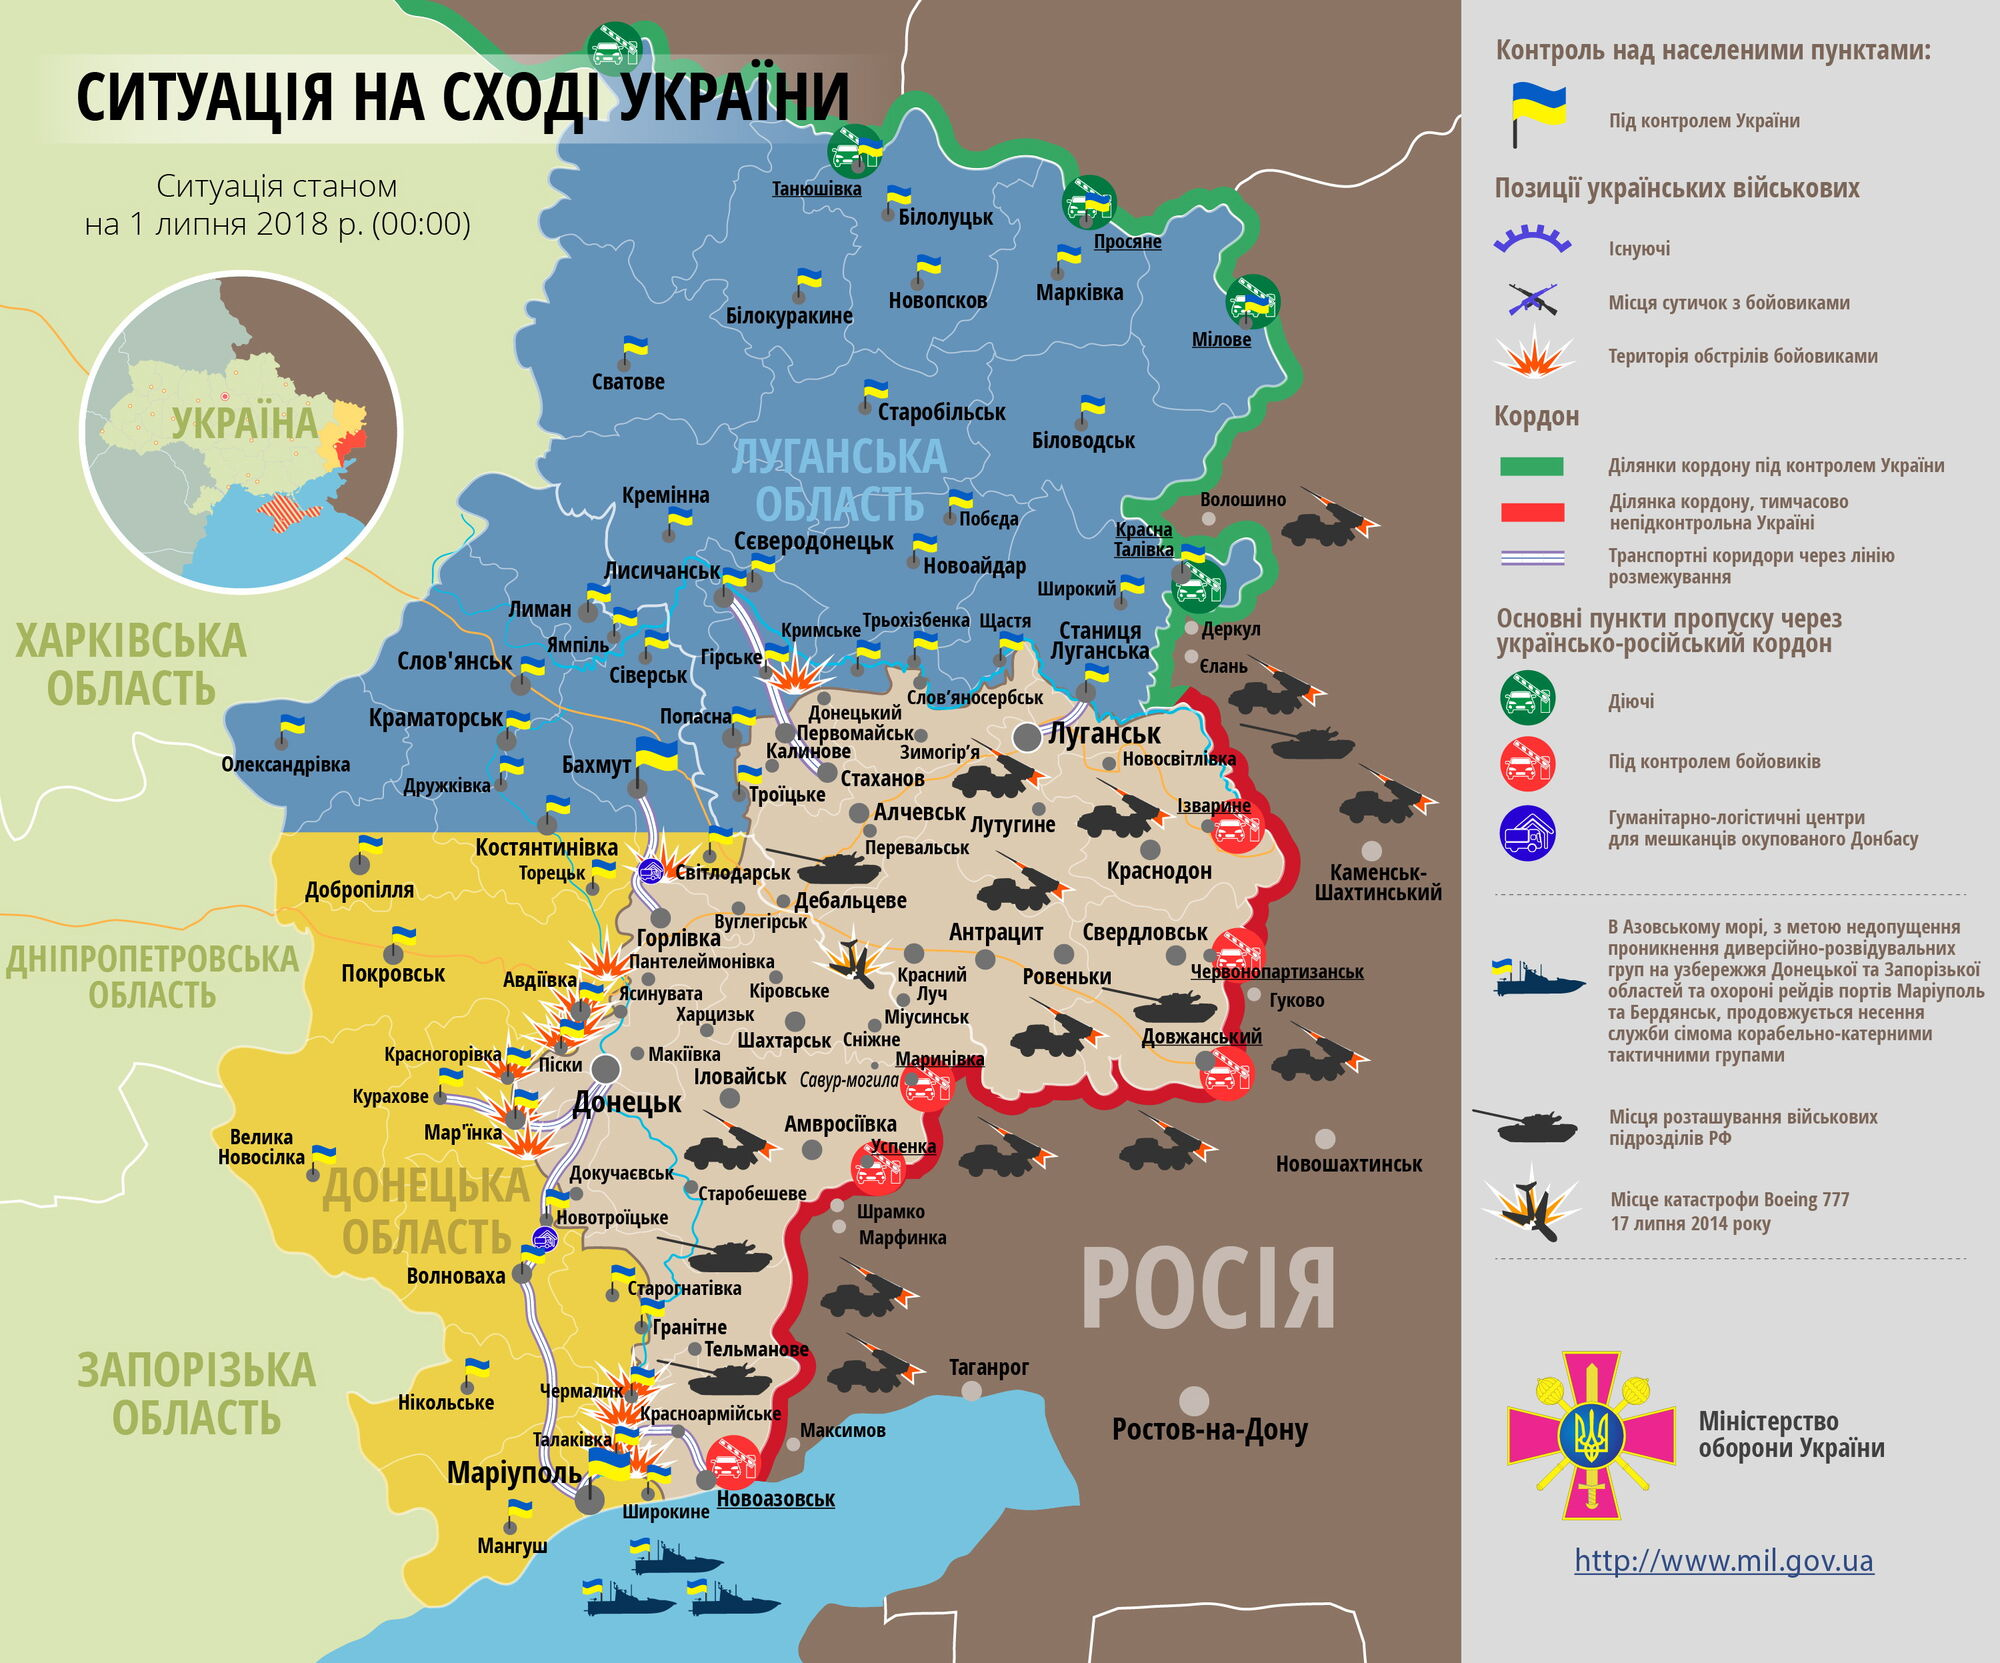 Удержали рубежи: ВСУ отбили атаки террористов на Донбассе